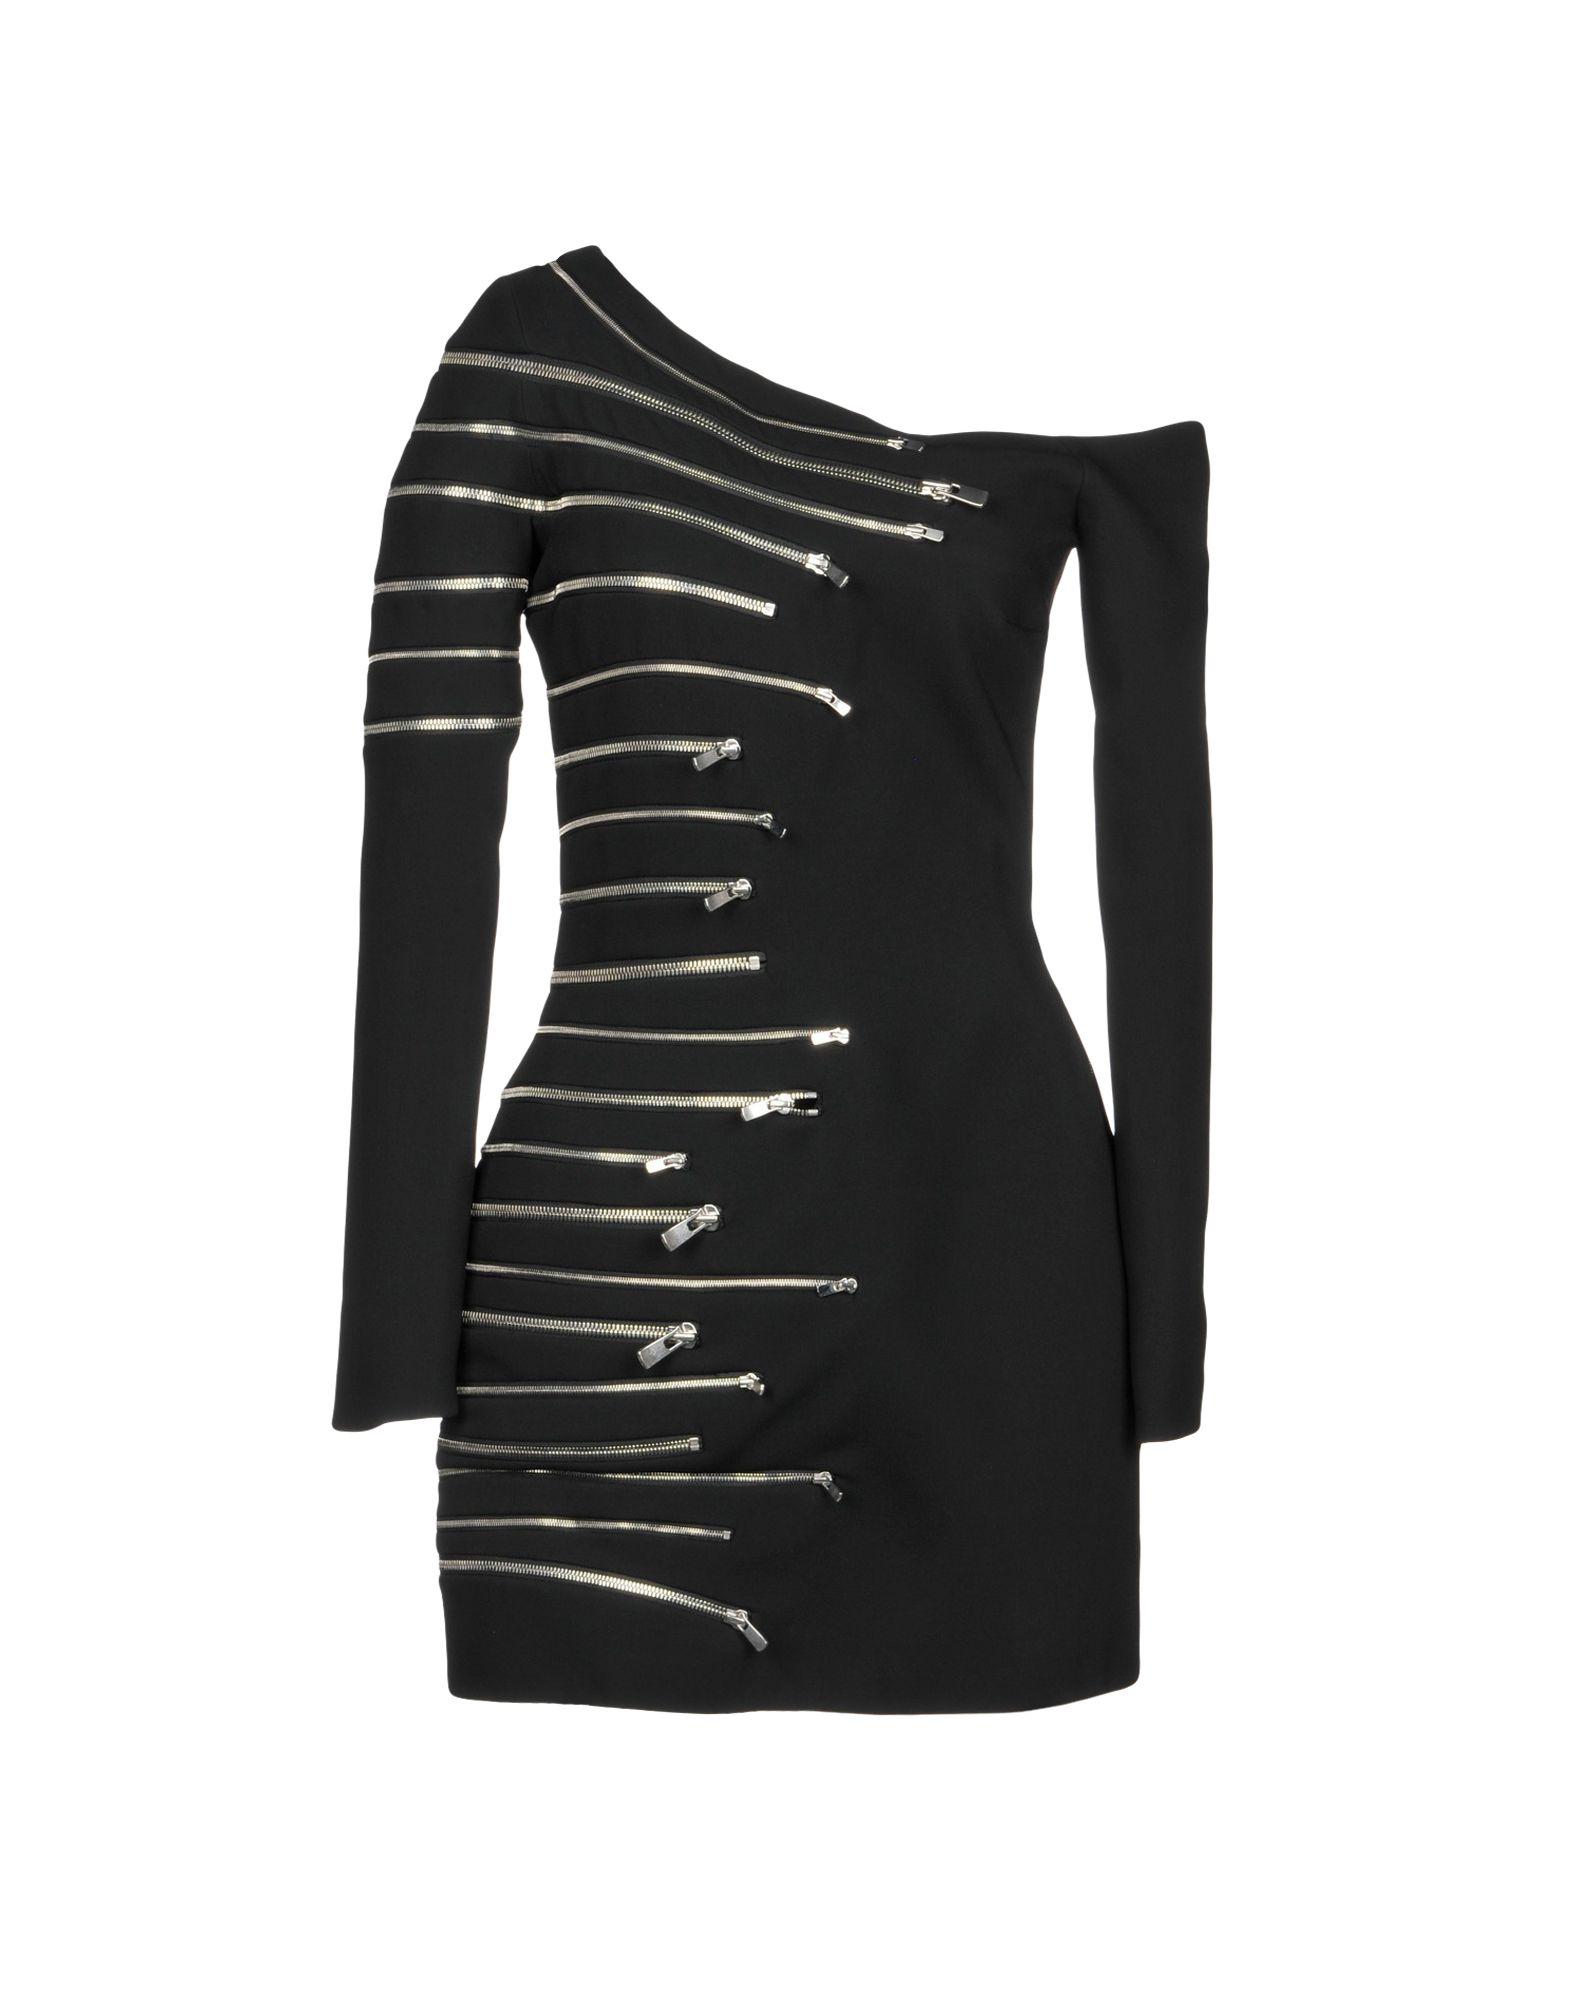 JAY AHR Short Dress in Black